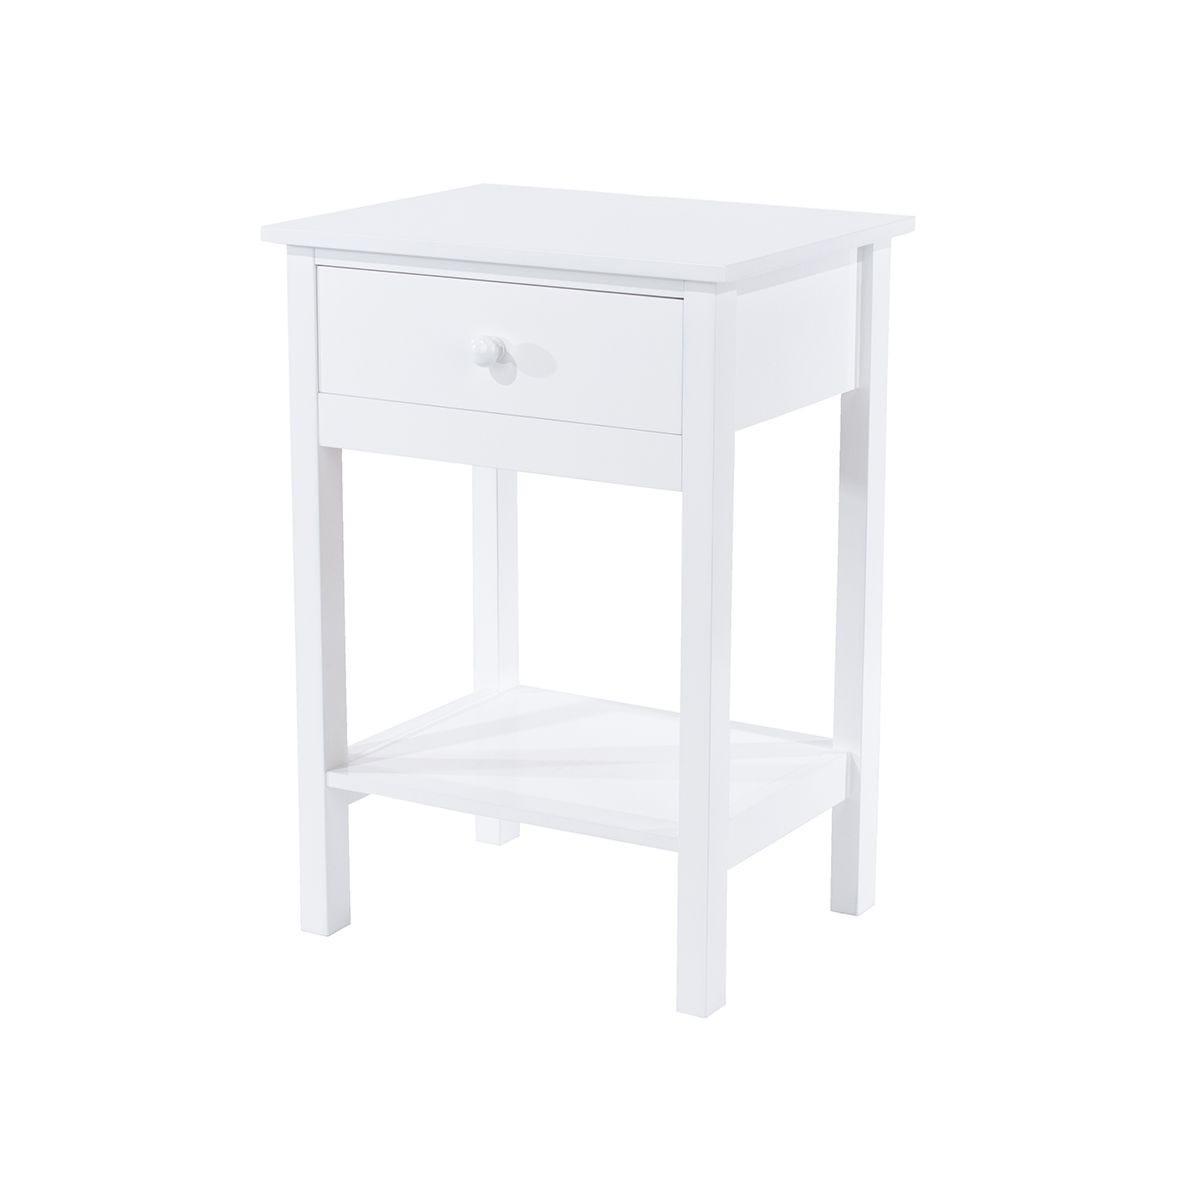 Sipla 1 Drawer Bedside Cabinet